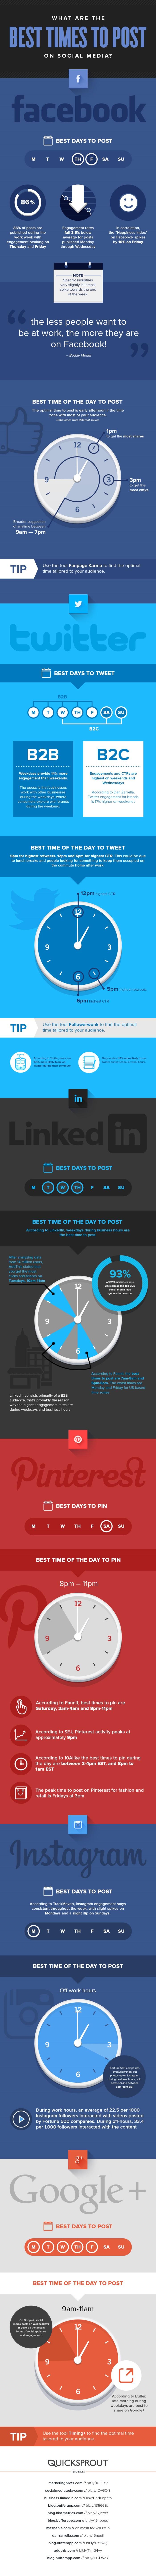 Best Time Social Media